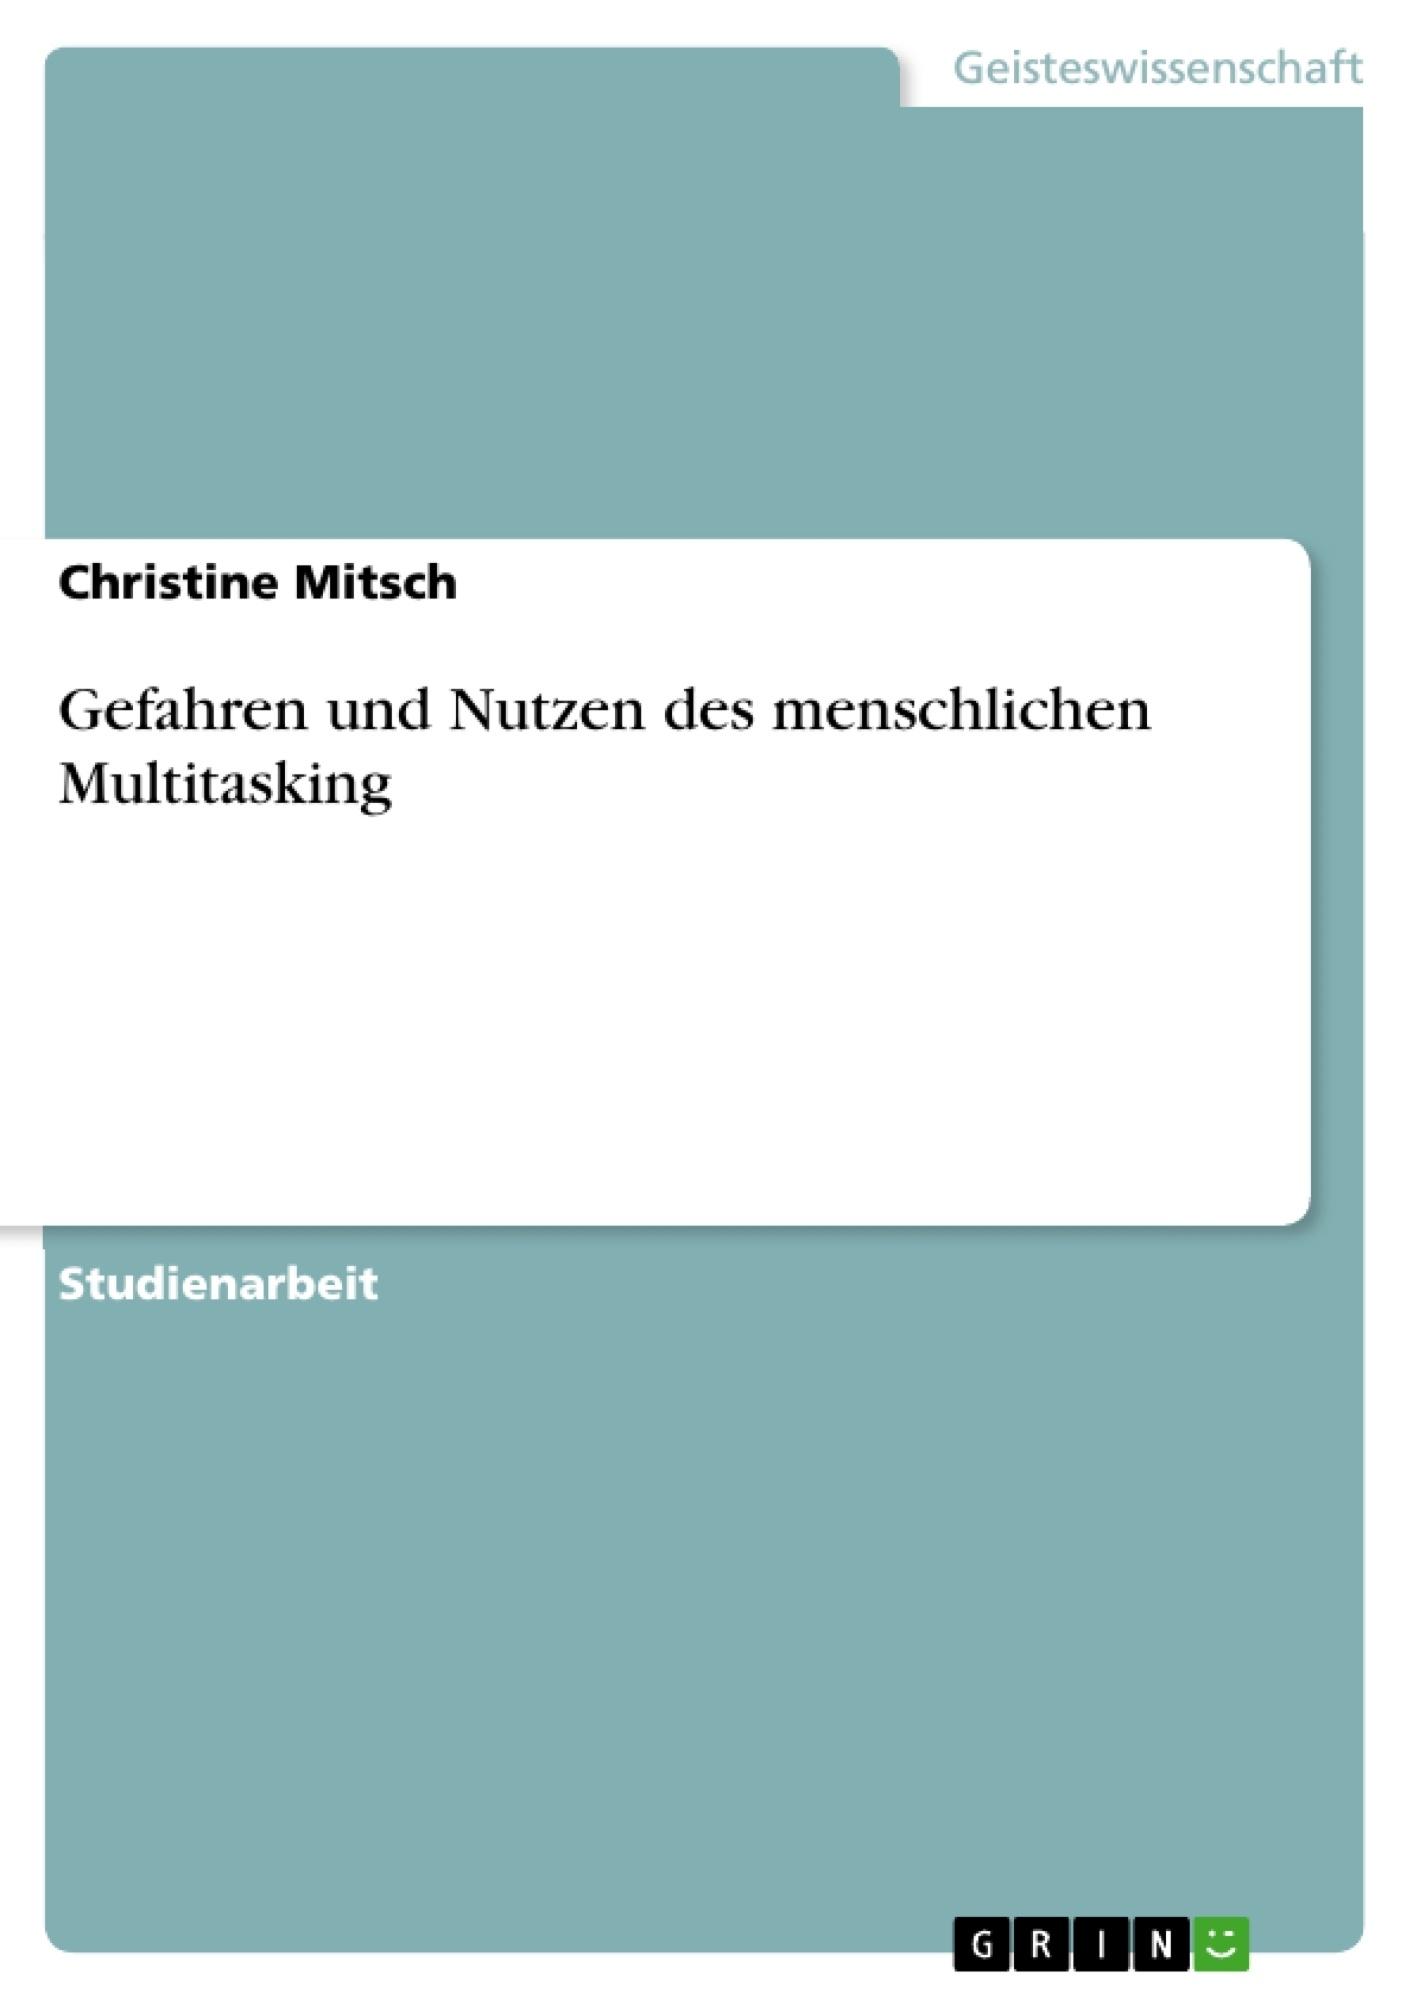 Titel: Gefahren und Nutzen des menschlichen Multitasking